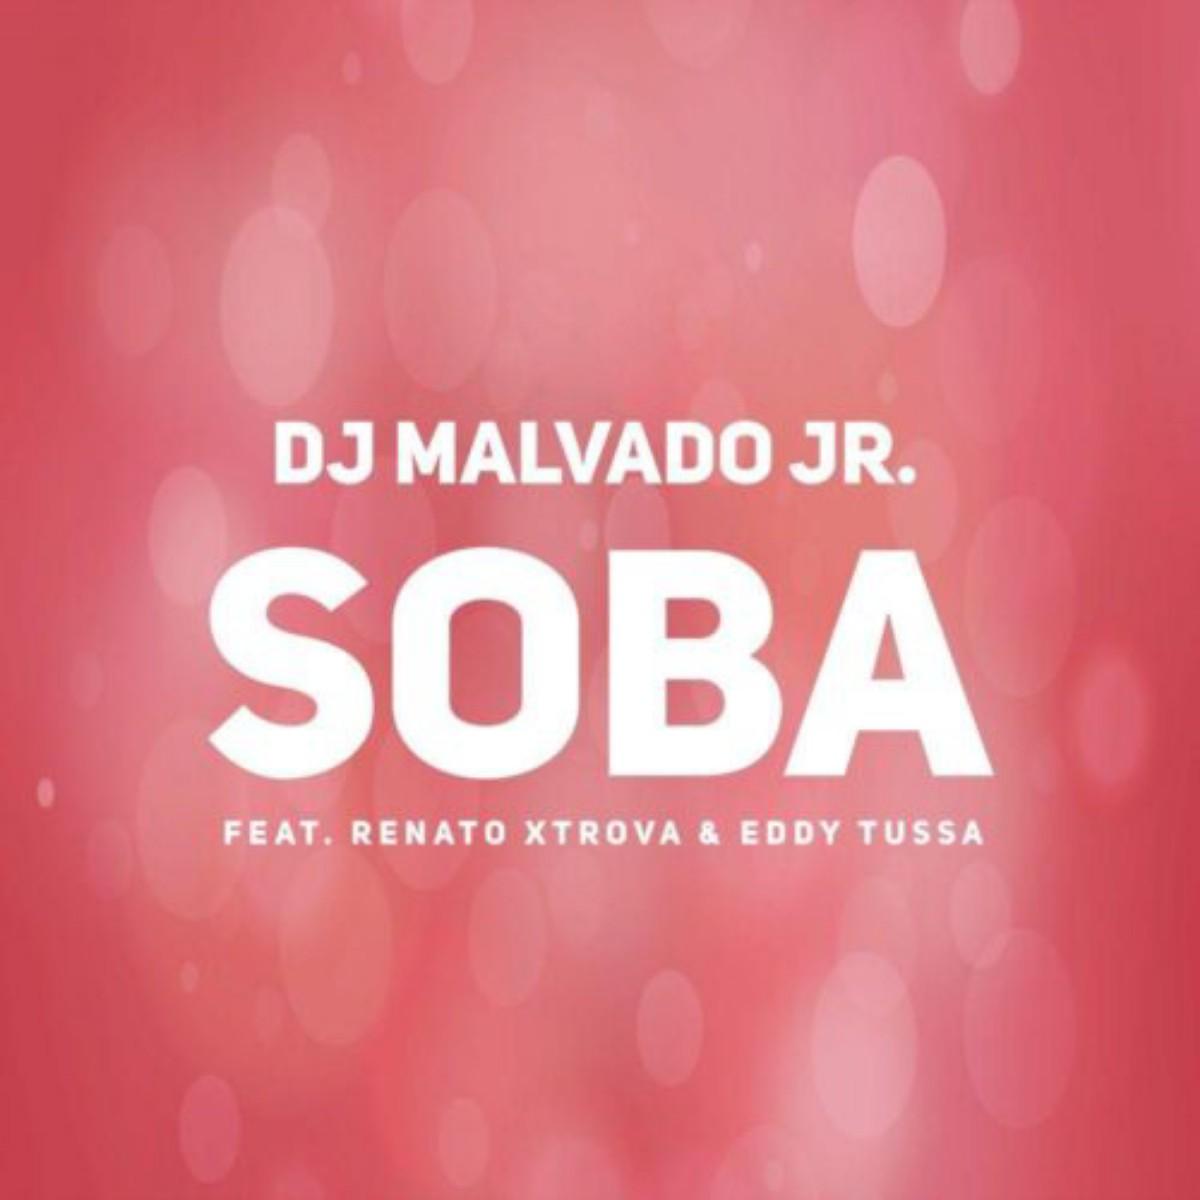 DJ Malvado Jr - Soba (feat. Renato Xtrova & Eddy Tussa)